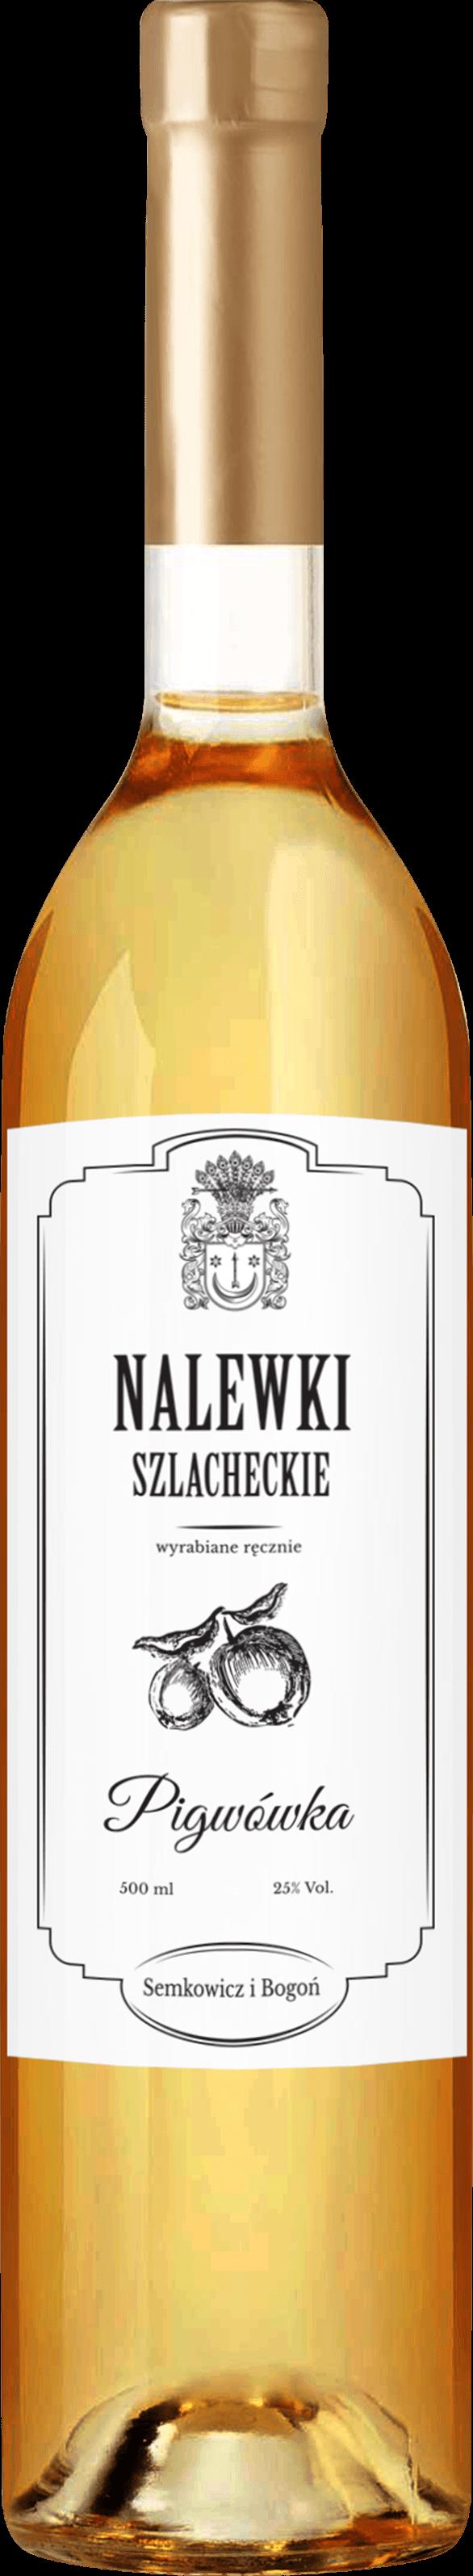 Najlepsza polska nalewka - Pigwówka